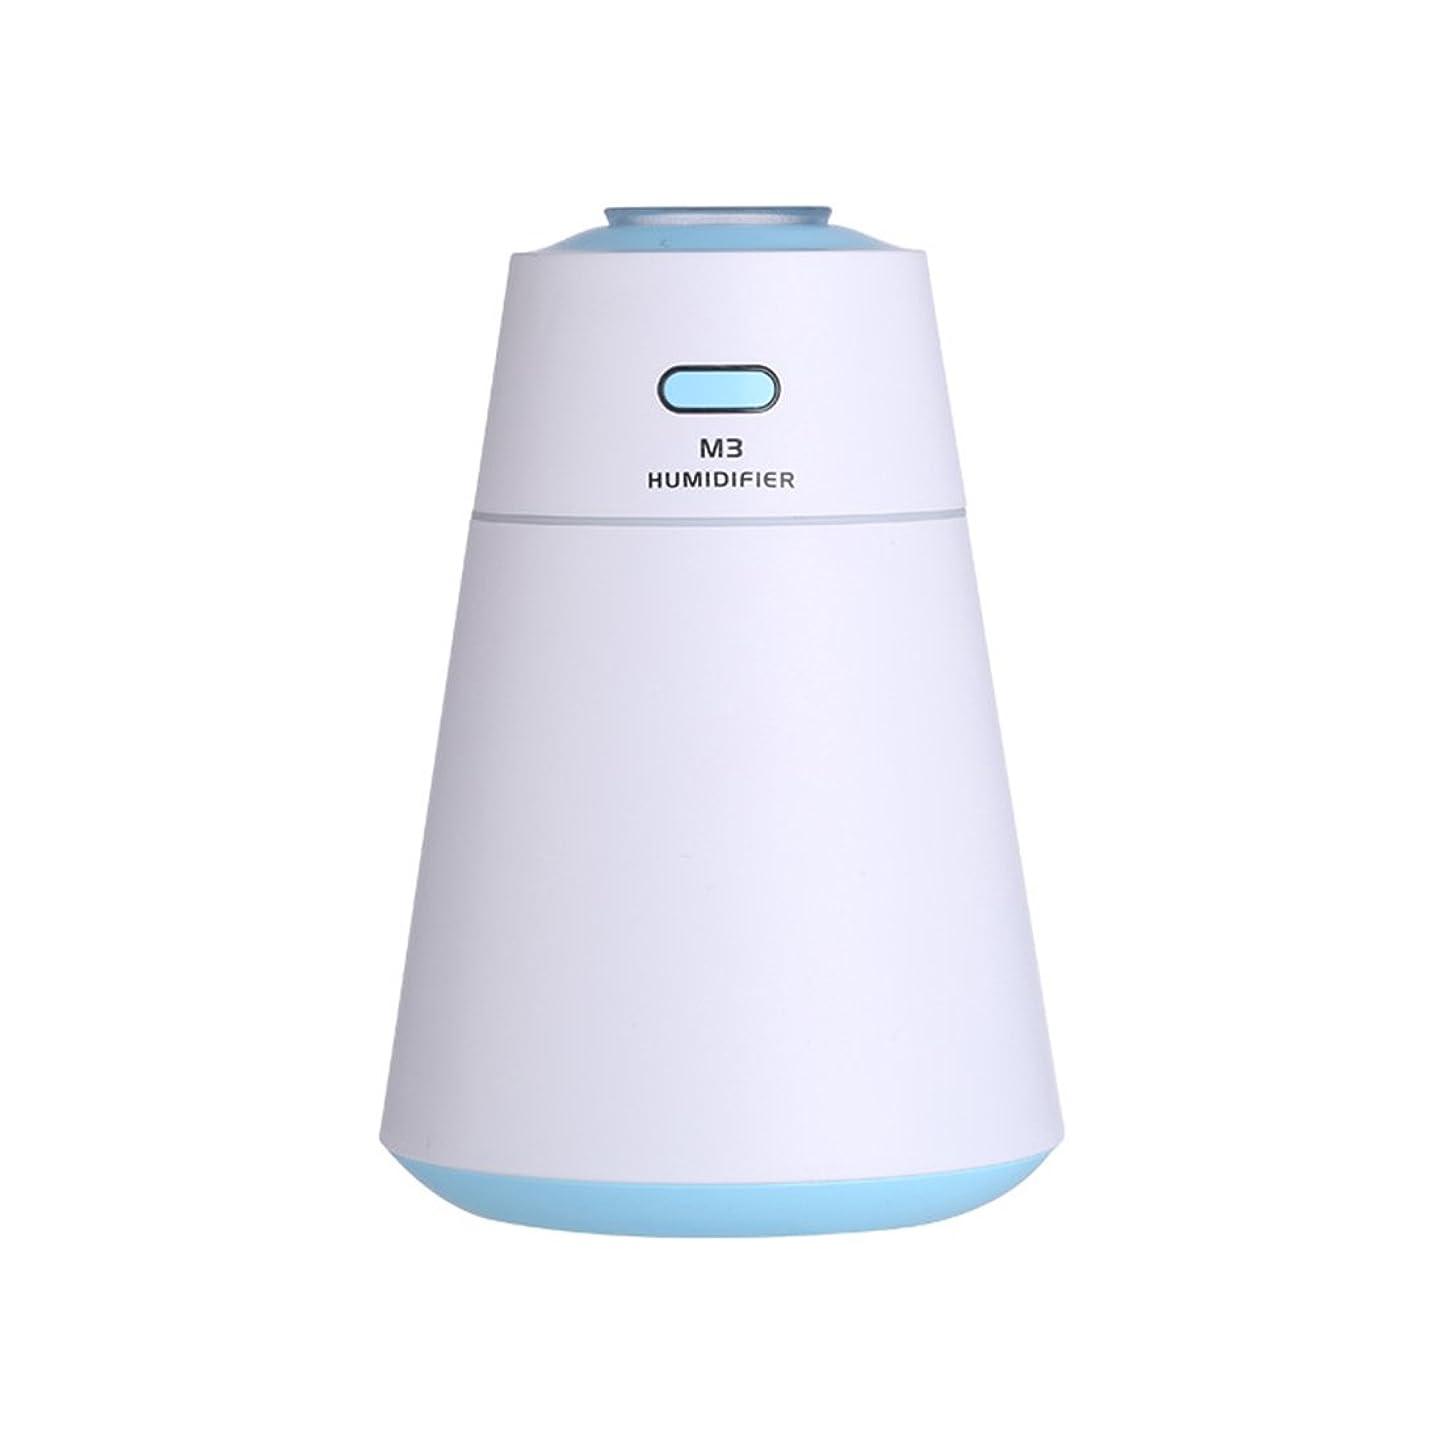 コール手順動作Nekovan 加湿器ミニポータブルホームサイレントデスクトップタイミング電源オフアンチドライ小型USB加湿器 (色 : 青)